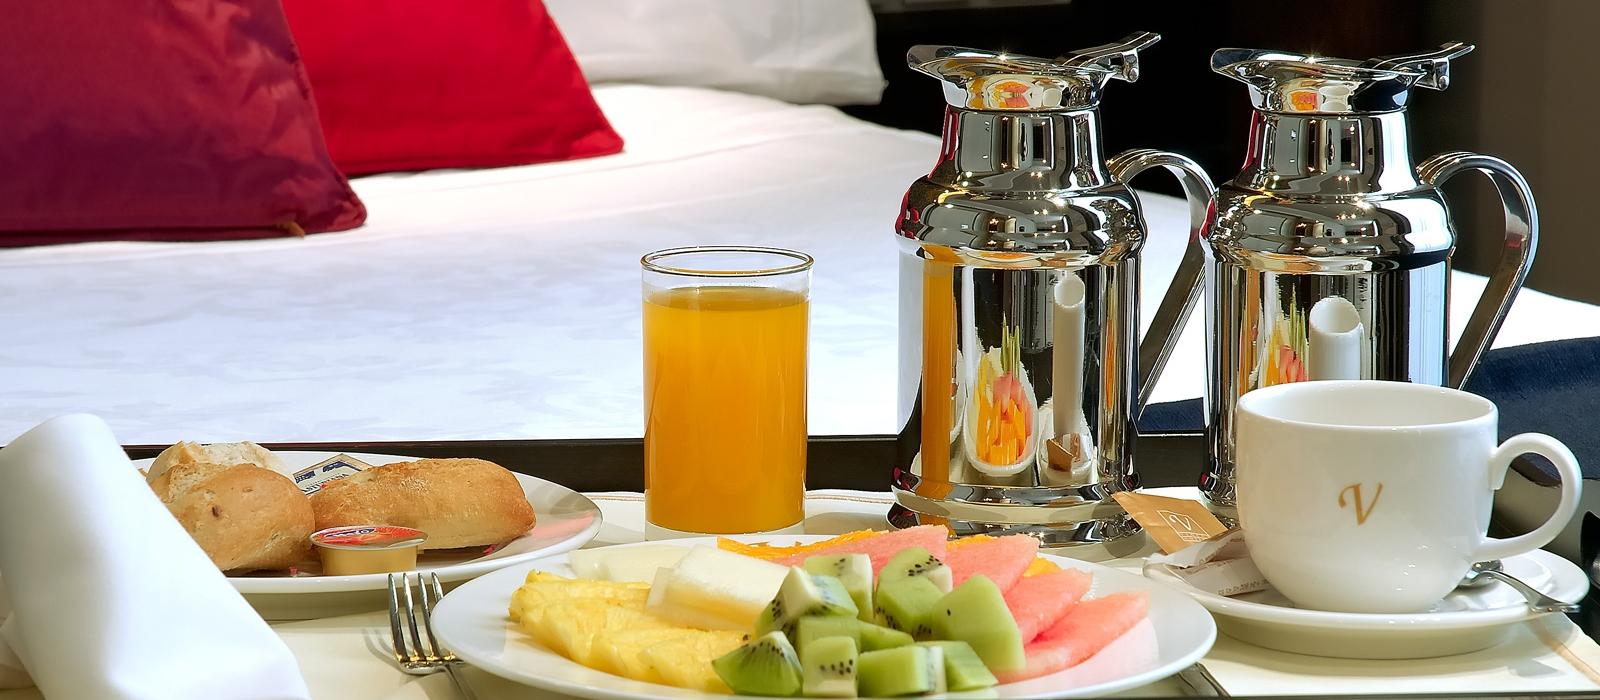 Habitaciones Hotel Madrid Soho - Vincci Hoteles - Habitación Minusválido